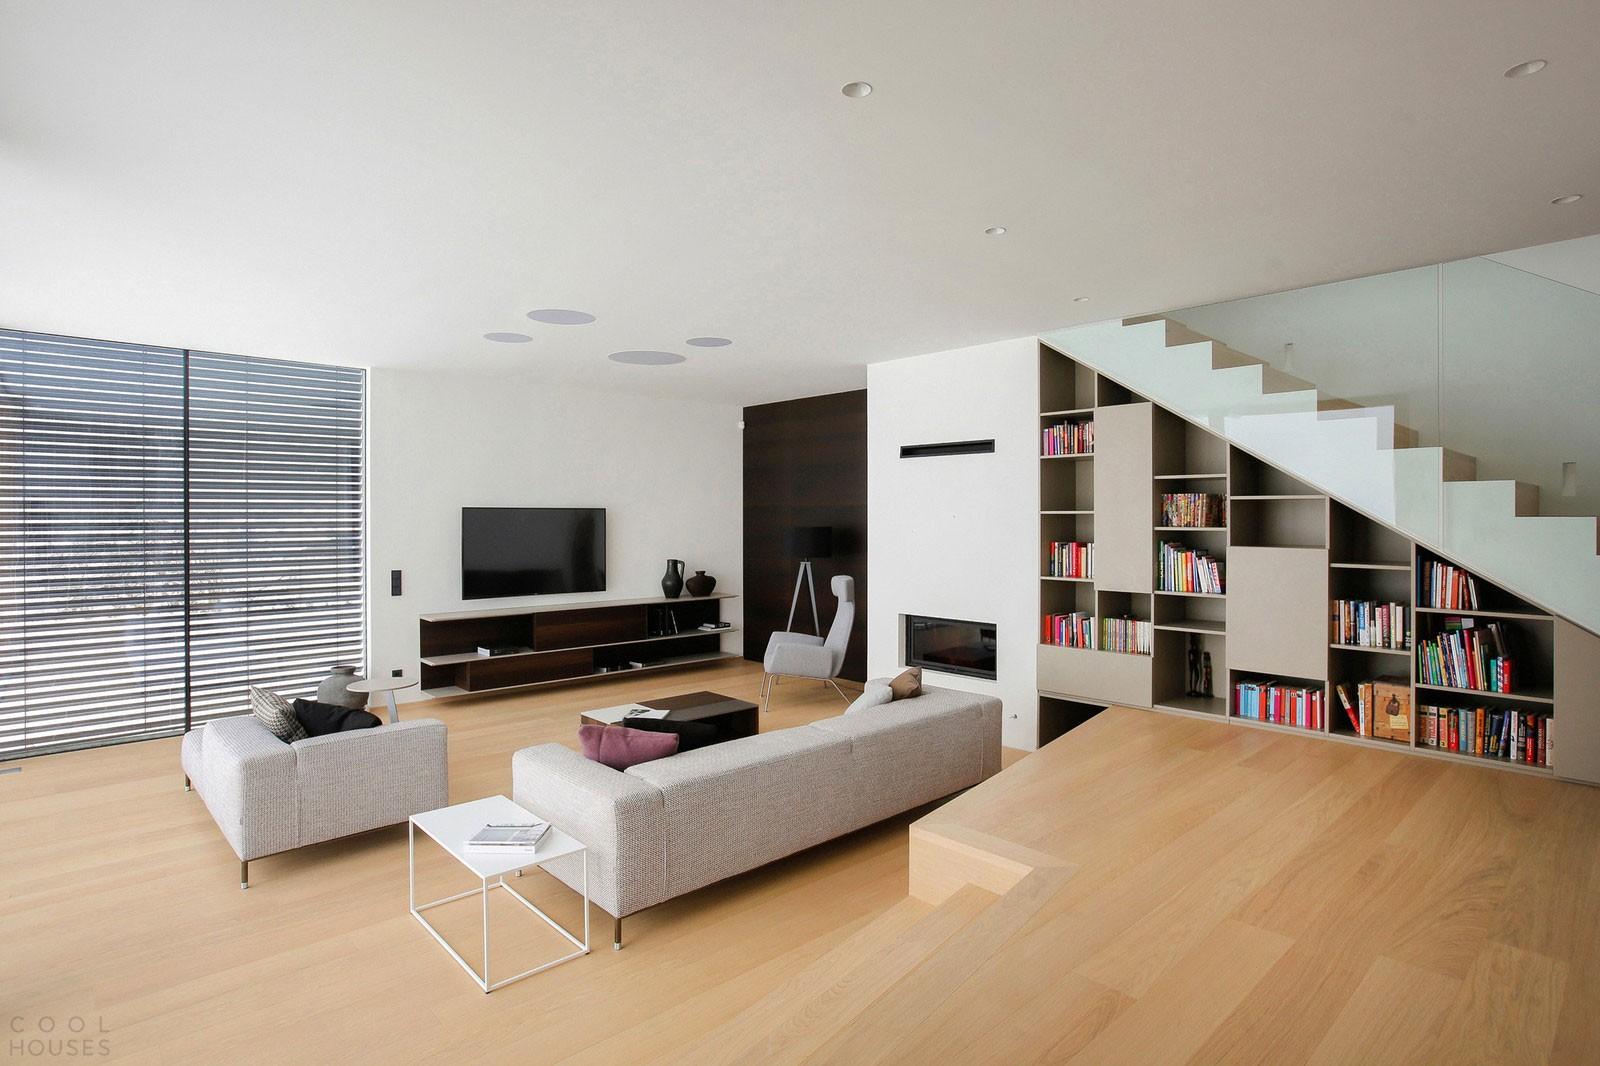 Частный дом в Словении как пример современного дизайна